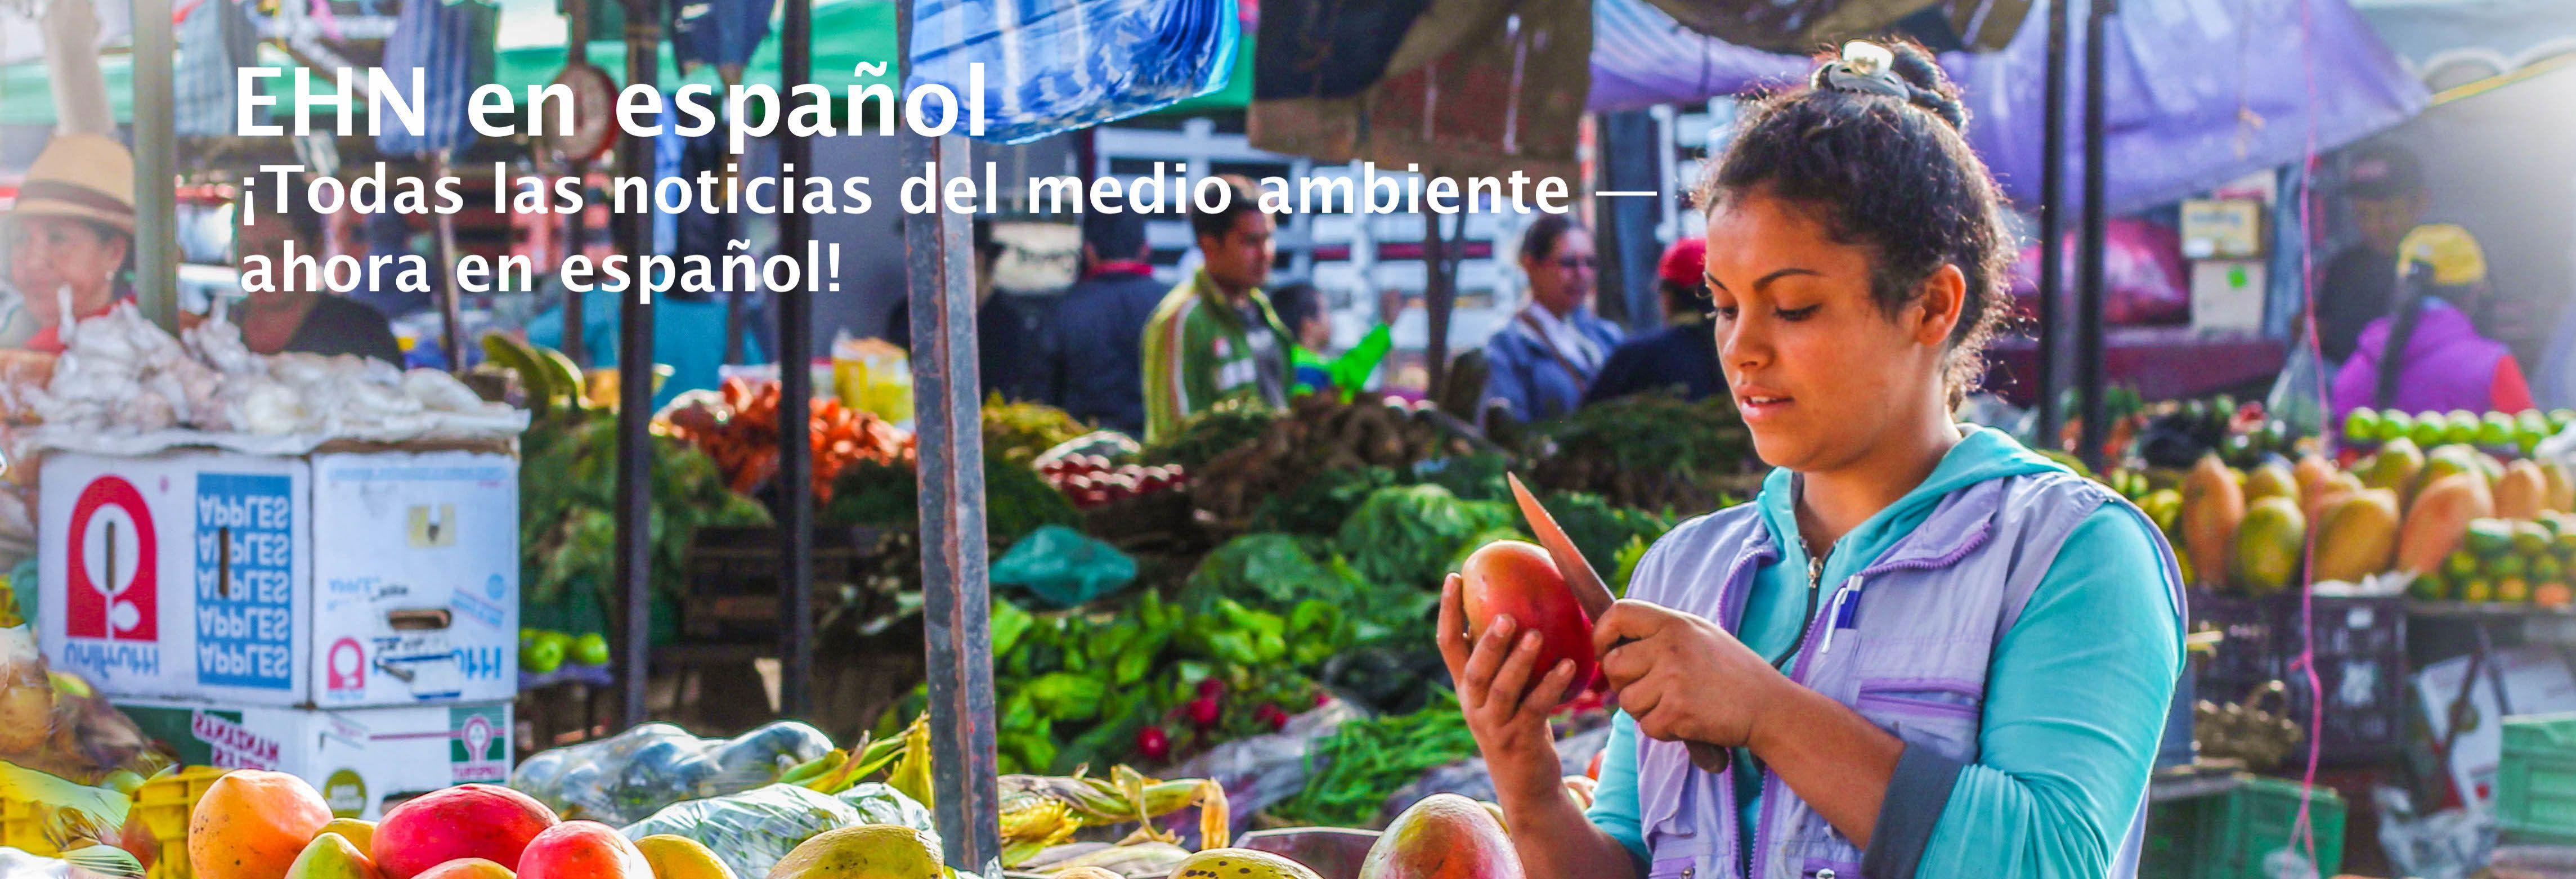 EHN en español: ¡Todas las noticias del medio ambiente — ahora en español!